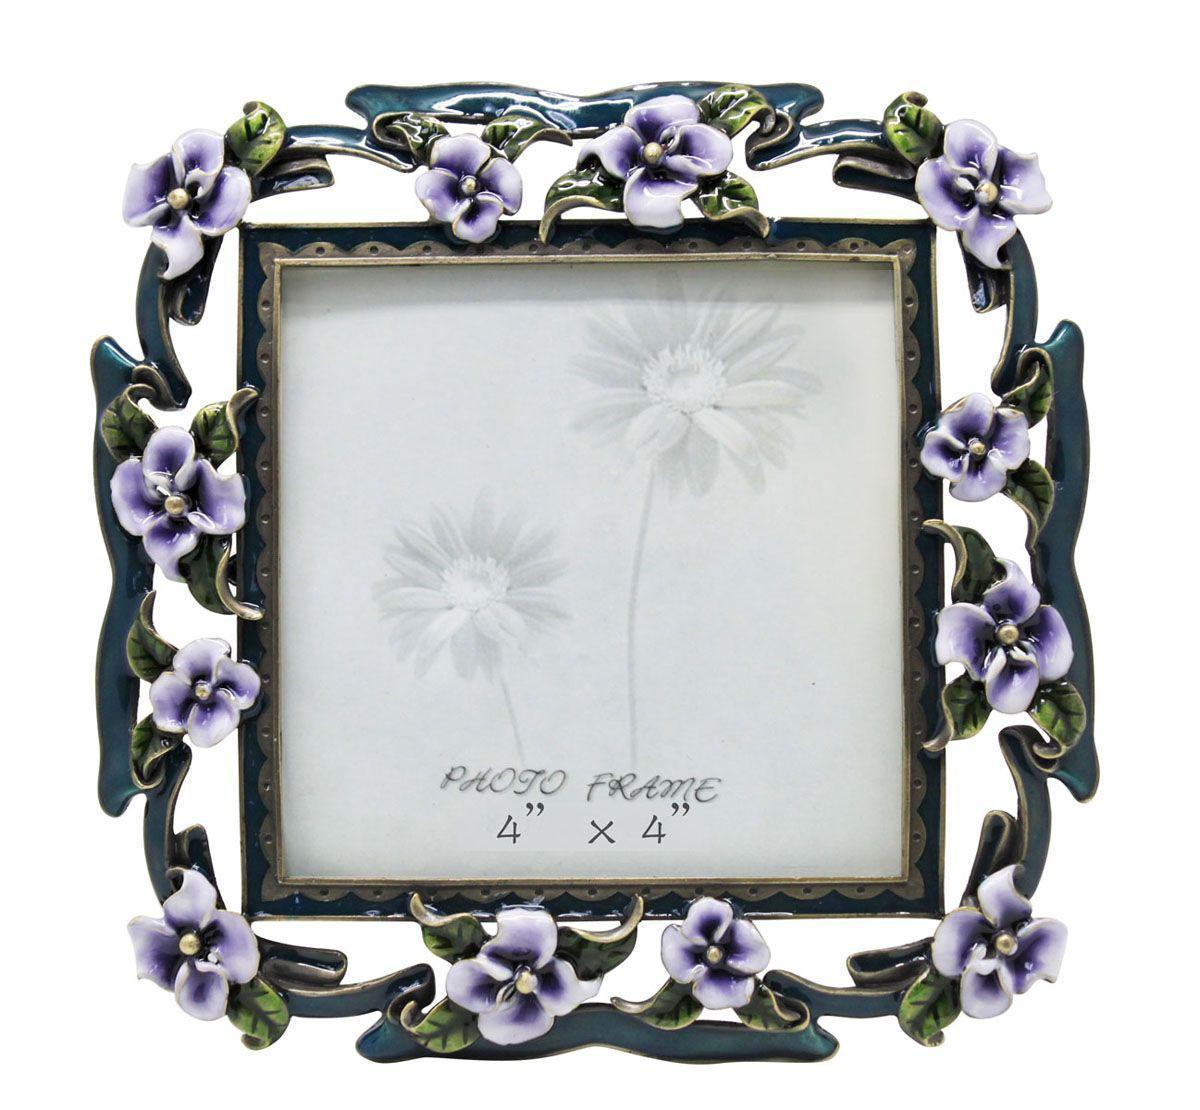 Рамка для фотографий Jardin DEte Сиреневые цветы, 10 см х 10 см. HS-25010E41619Изящная рамка для фотографий Jardin DEte Сиреневые цветы выполнена из сплава олова, покрытого эпоксидной смолой. С задней стороны имеется ножка для удобного размещения. Такая рамка позволит хранить на самом видном месте фотографию ваших родных и близких, а также великолепно украсит интерьер помещения. Характеристики: Материал: металл, стекло, эпоксидная смола. Размер фоторамки: 15 см х 15 см. Размер фотографии: 10 см х 10 см. Артикул: HS-25010E.